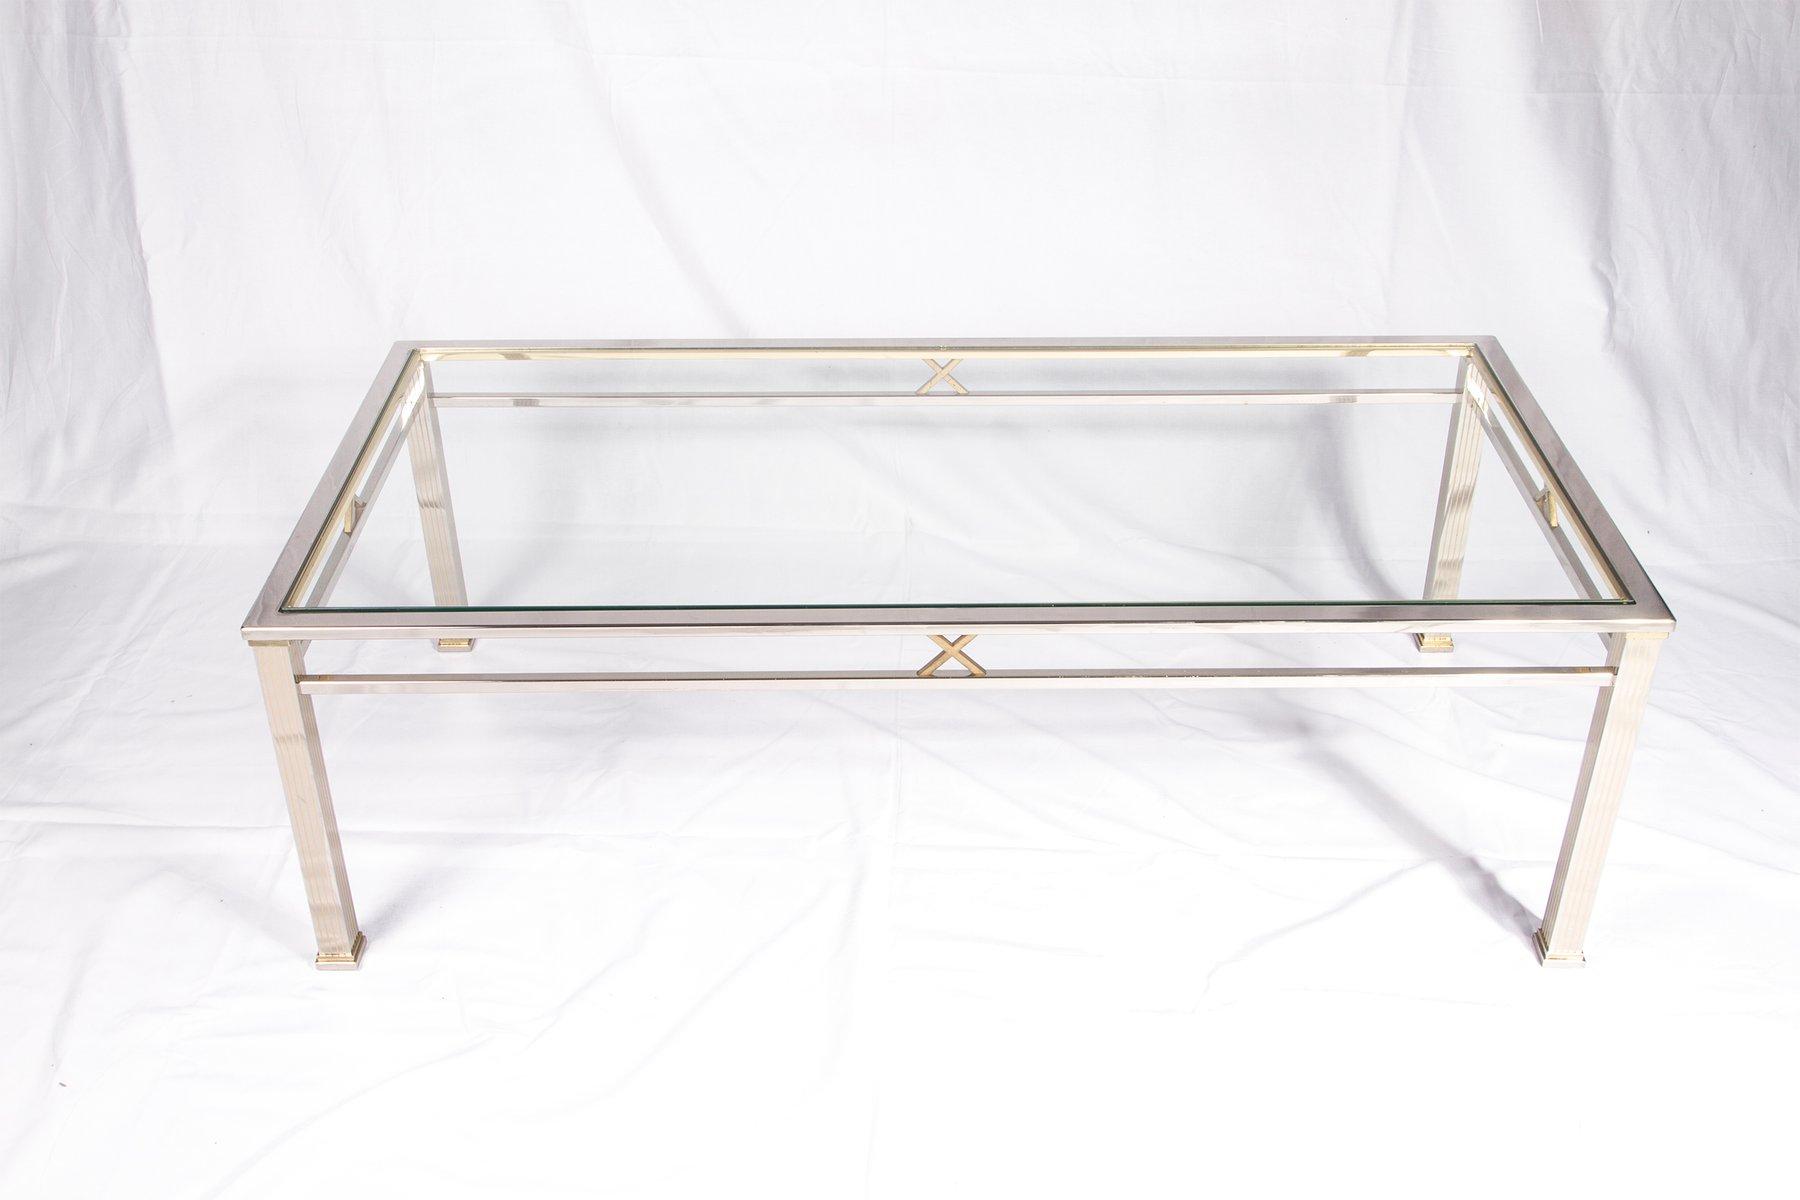 chrom und glas couchtisch von belgochrom bei pamono kaufen. Black Bedroom Furniture Sets. Home Design Ideas